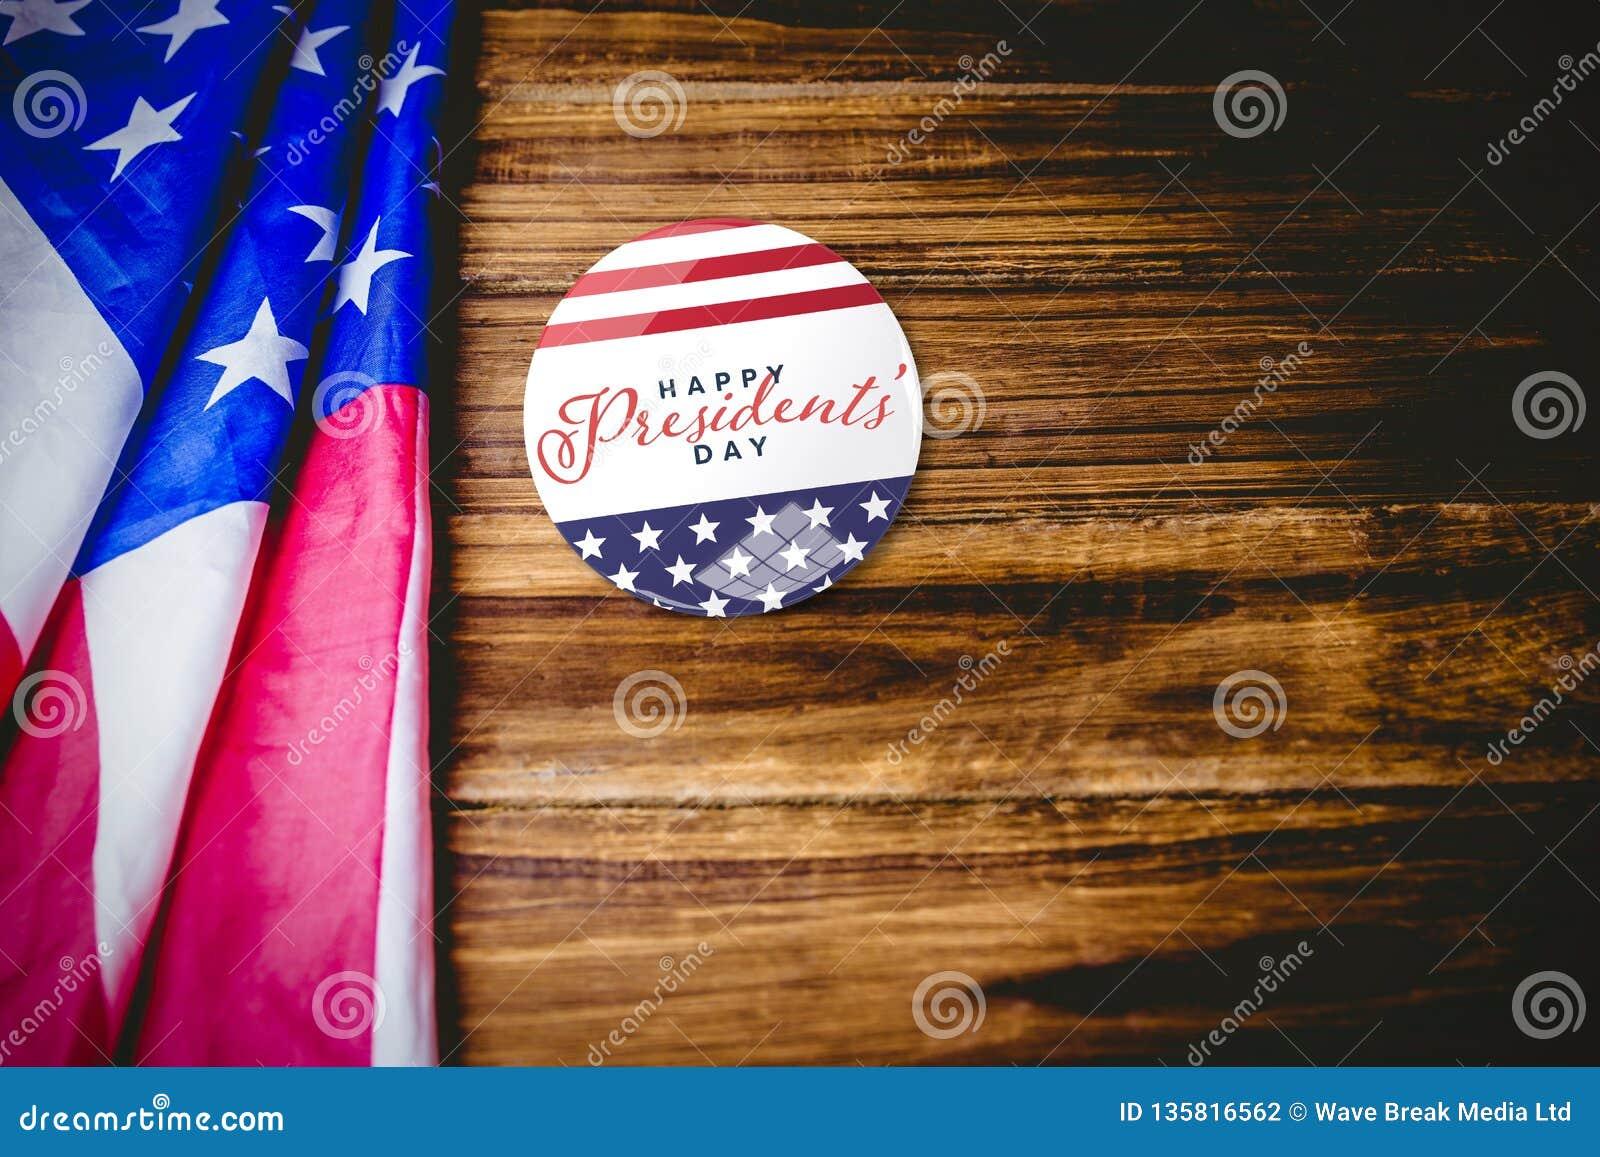 Samengesteld beeld van gelukkige voorzittersdag typografie